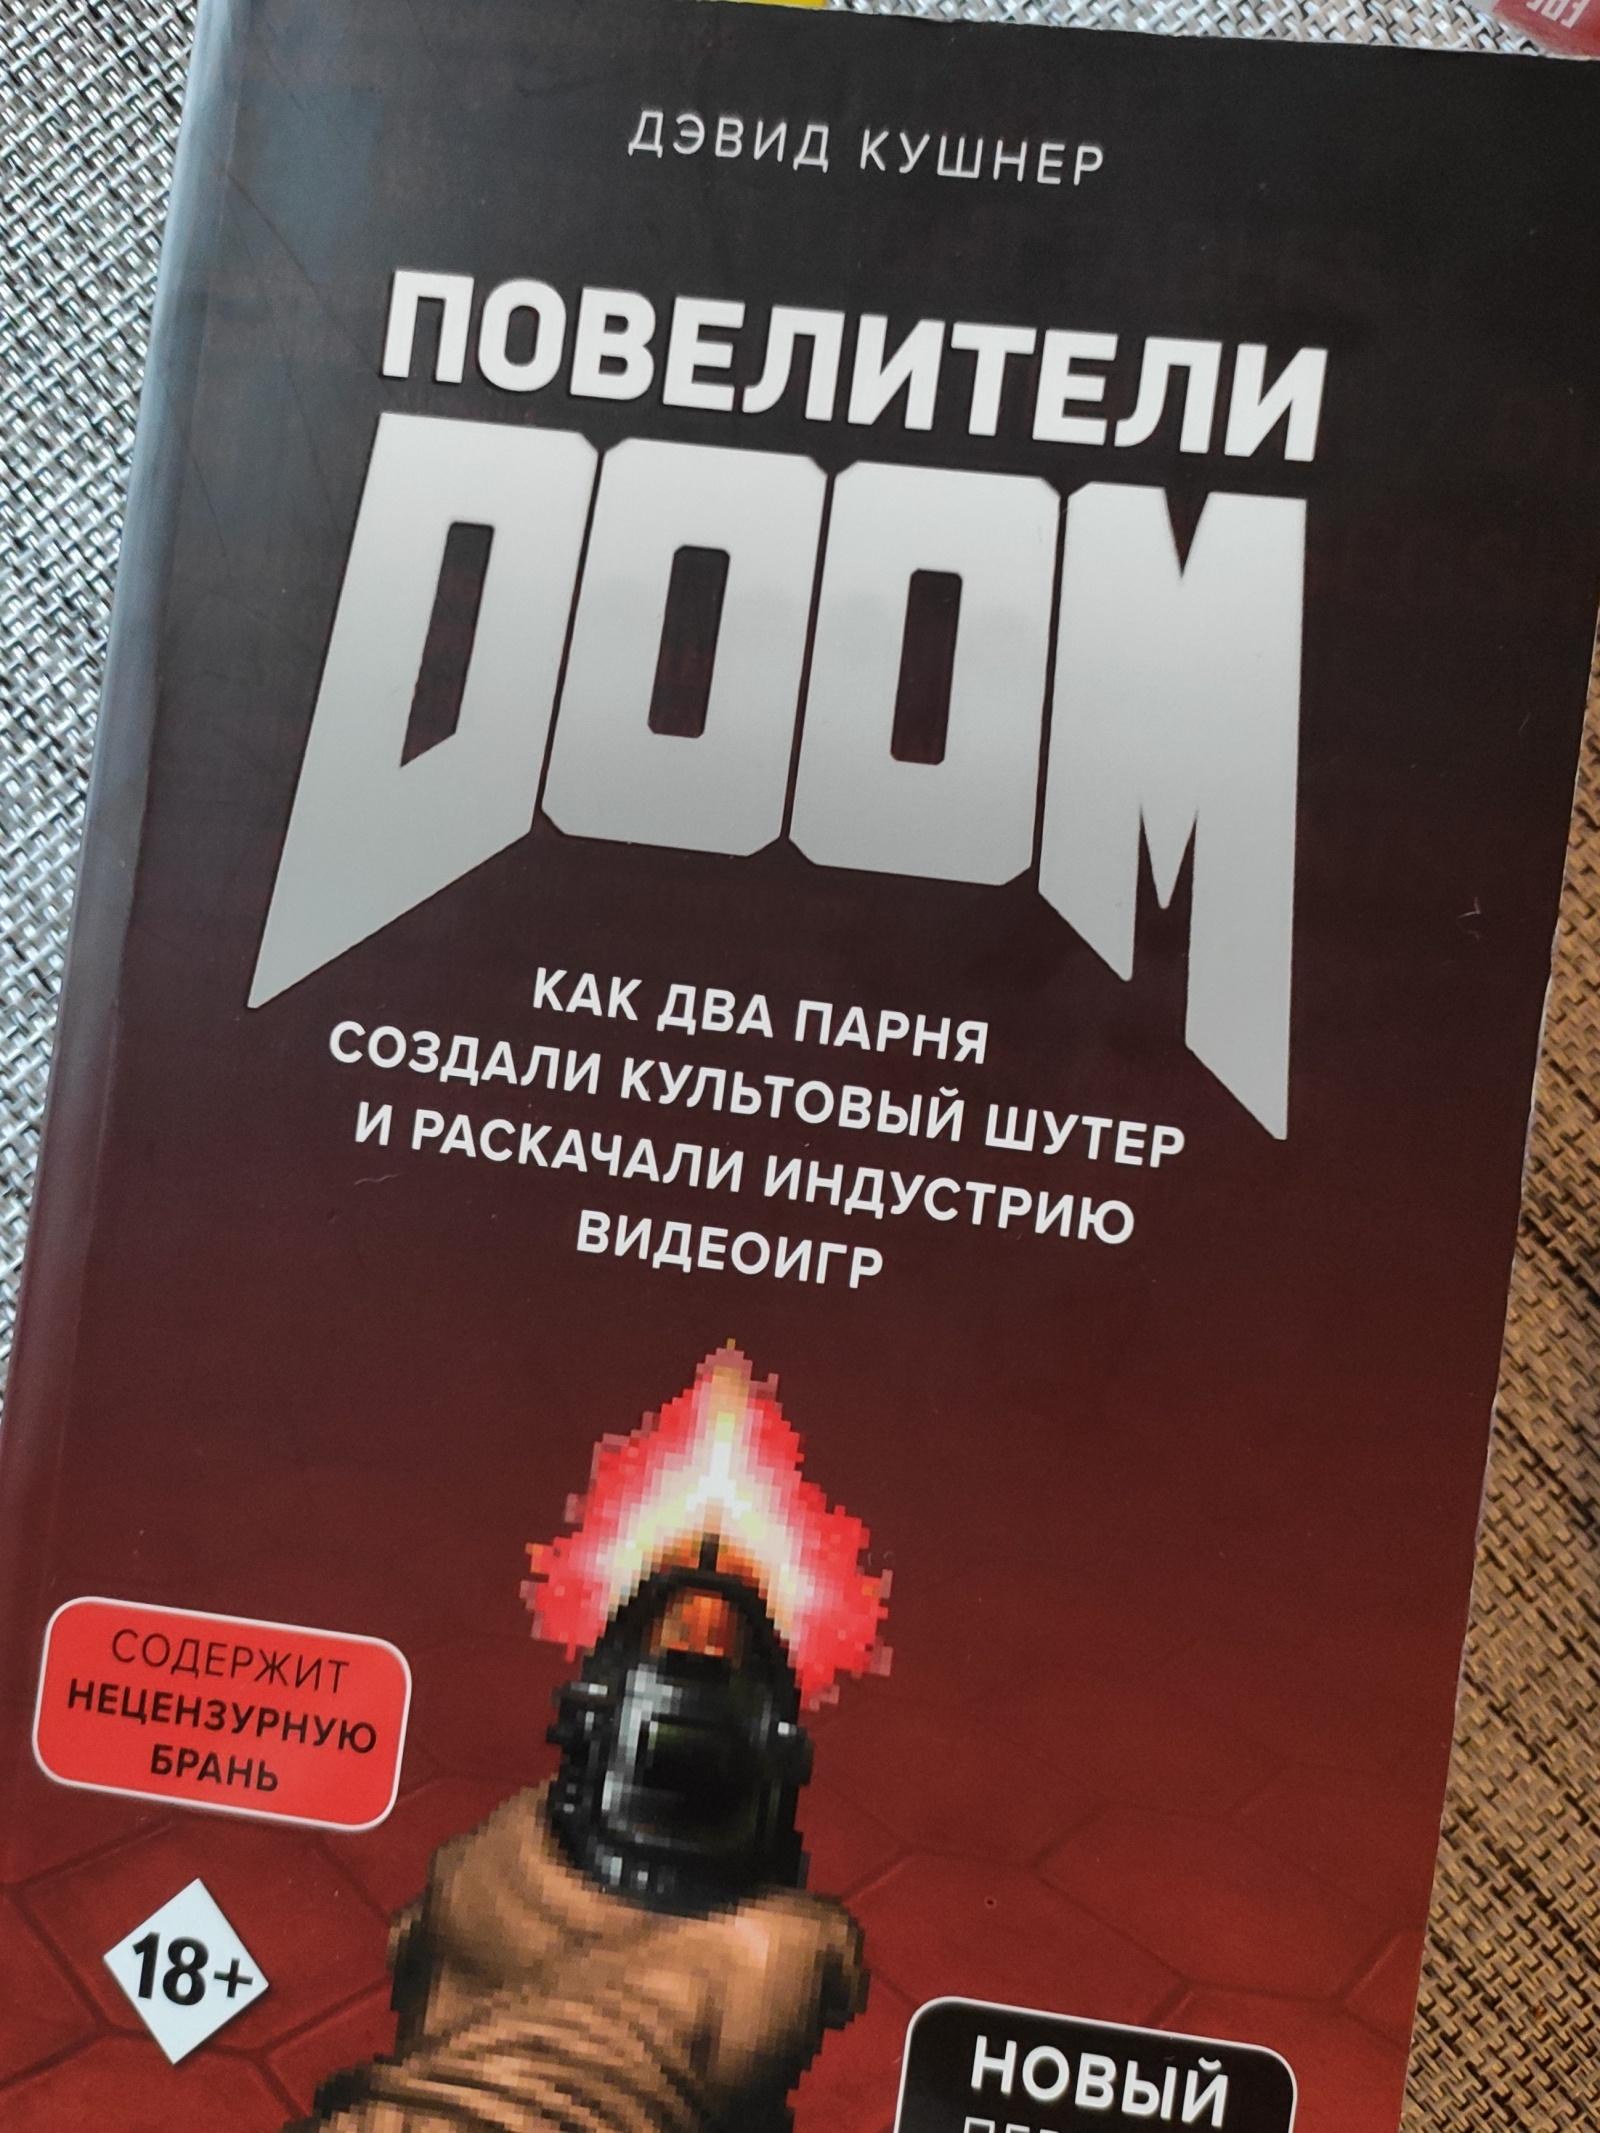 Повелители DOOM: как два парня создали культовый шутер и раскачали индустрию видеоигр - 1